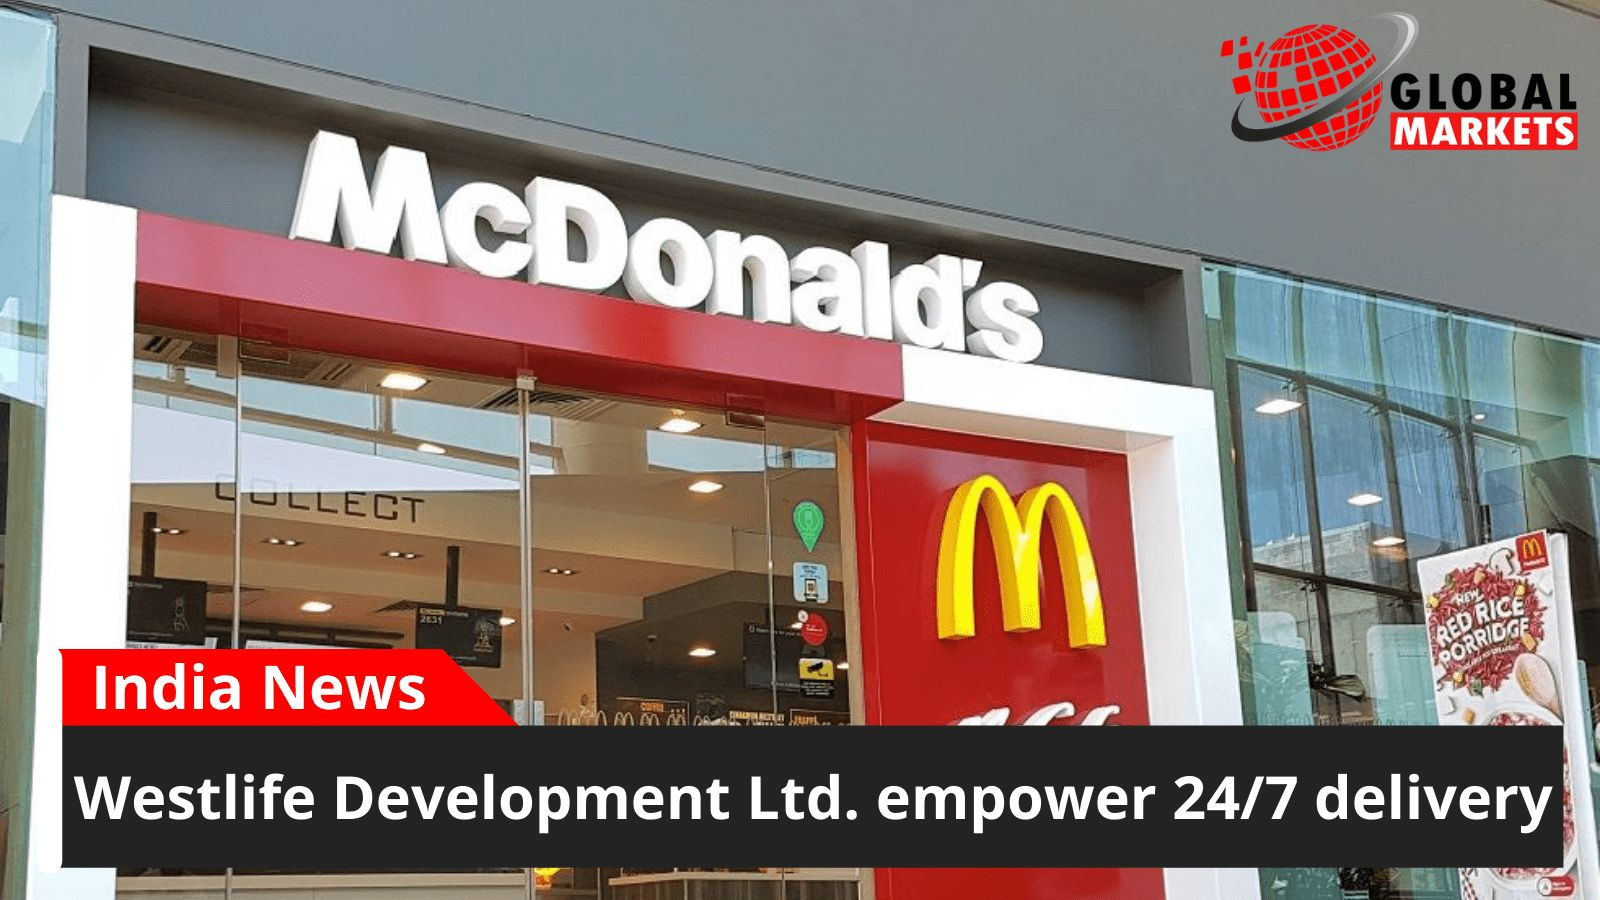 Westlife Development Ltd. empower 24/7 delivery